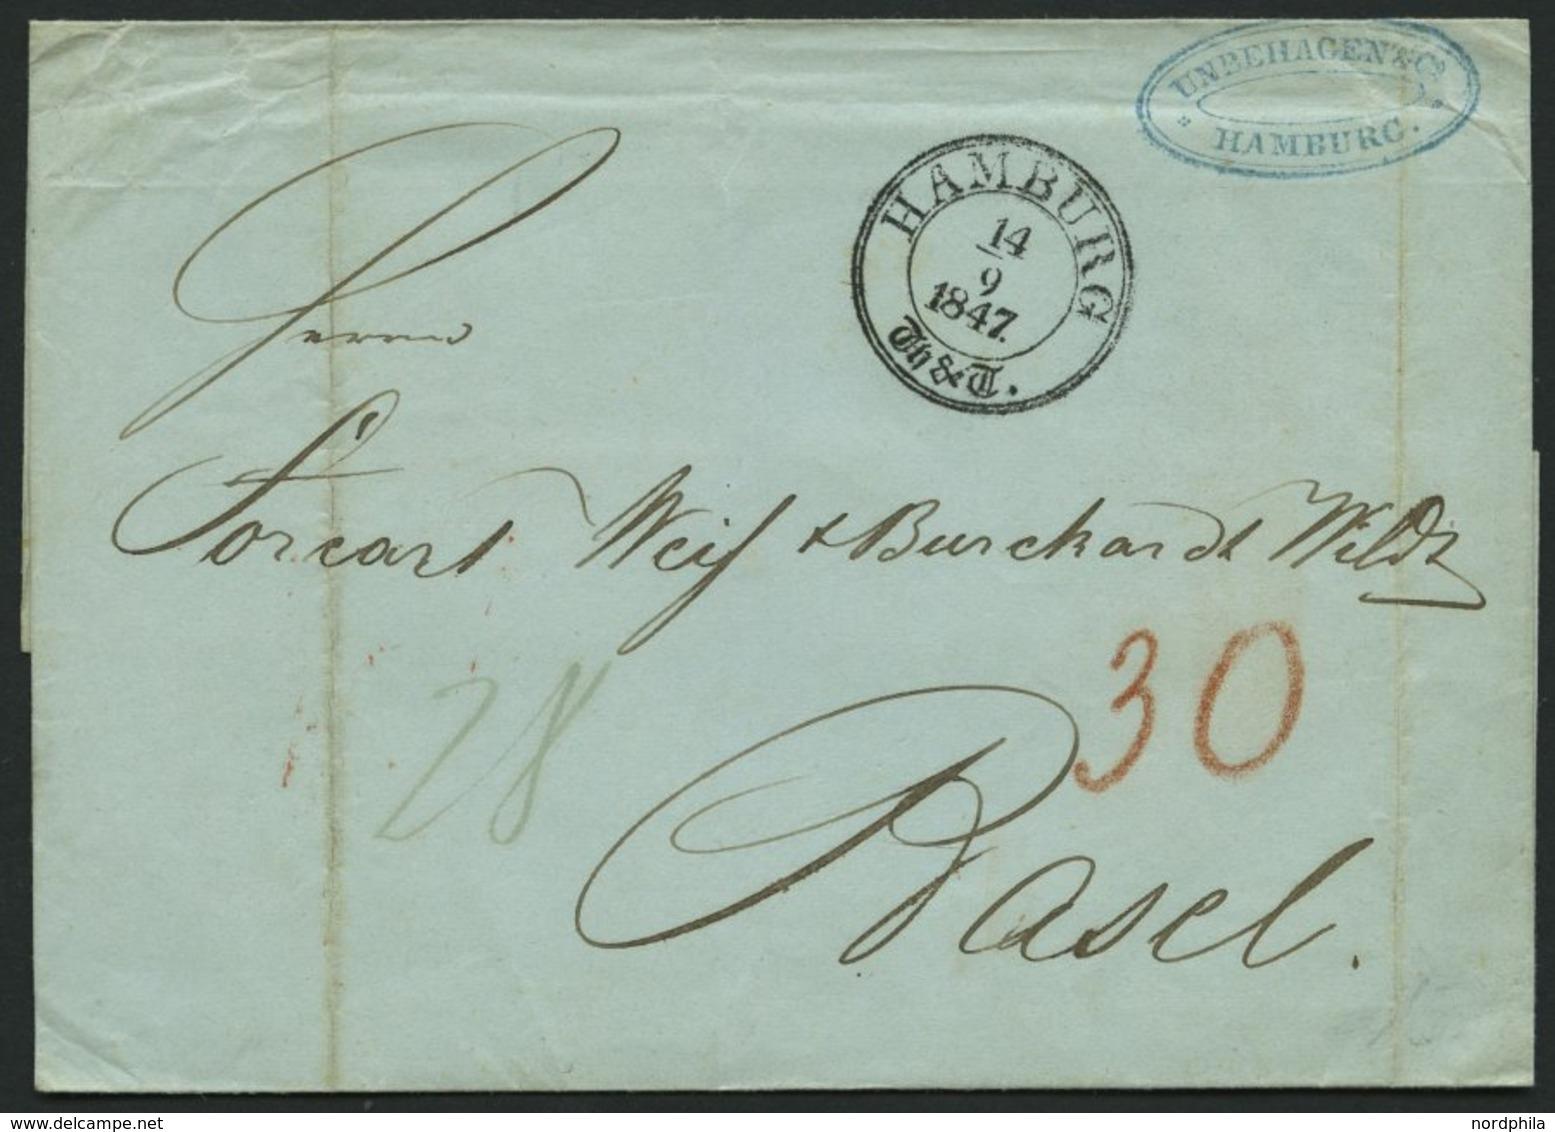 HAMBURG - THURN UND TAXISCHES O.P.A. 1847, HAMBURG Th.& T., K3 Auf Brief Nach Basel, Feinst - Thurn And Taxis